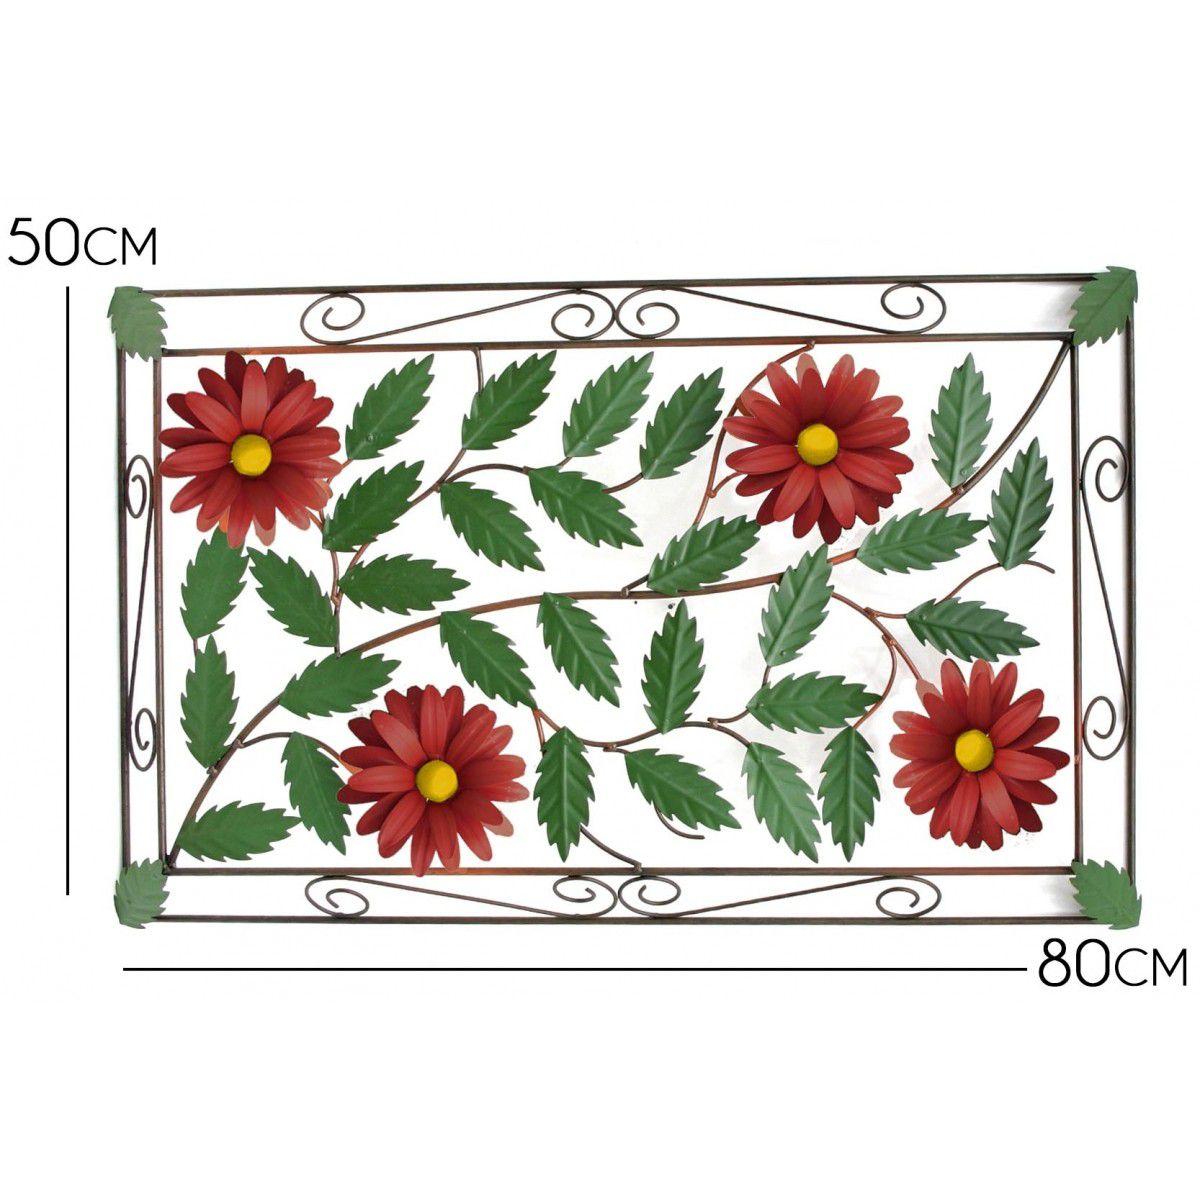 Moldura Artesanal de Ferro Colonial Rustico para Parede com Flores